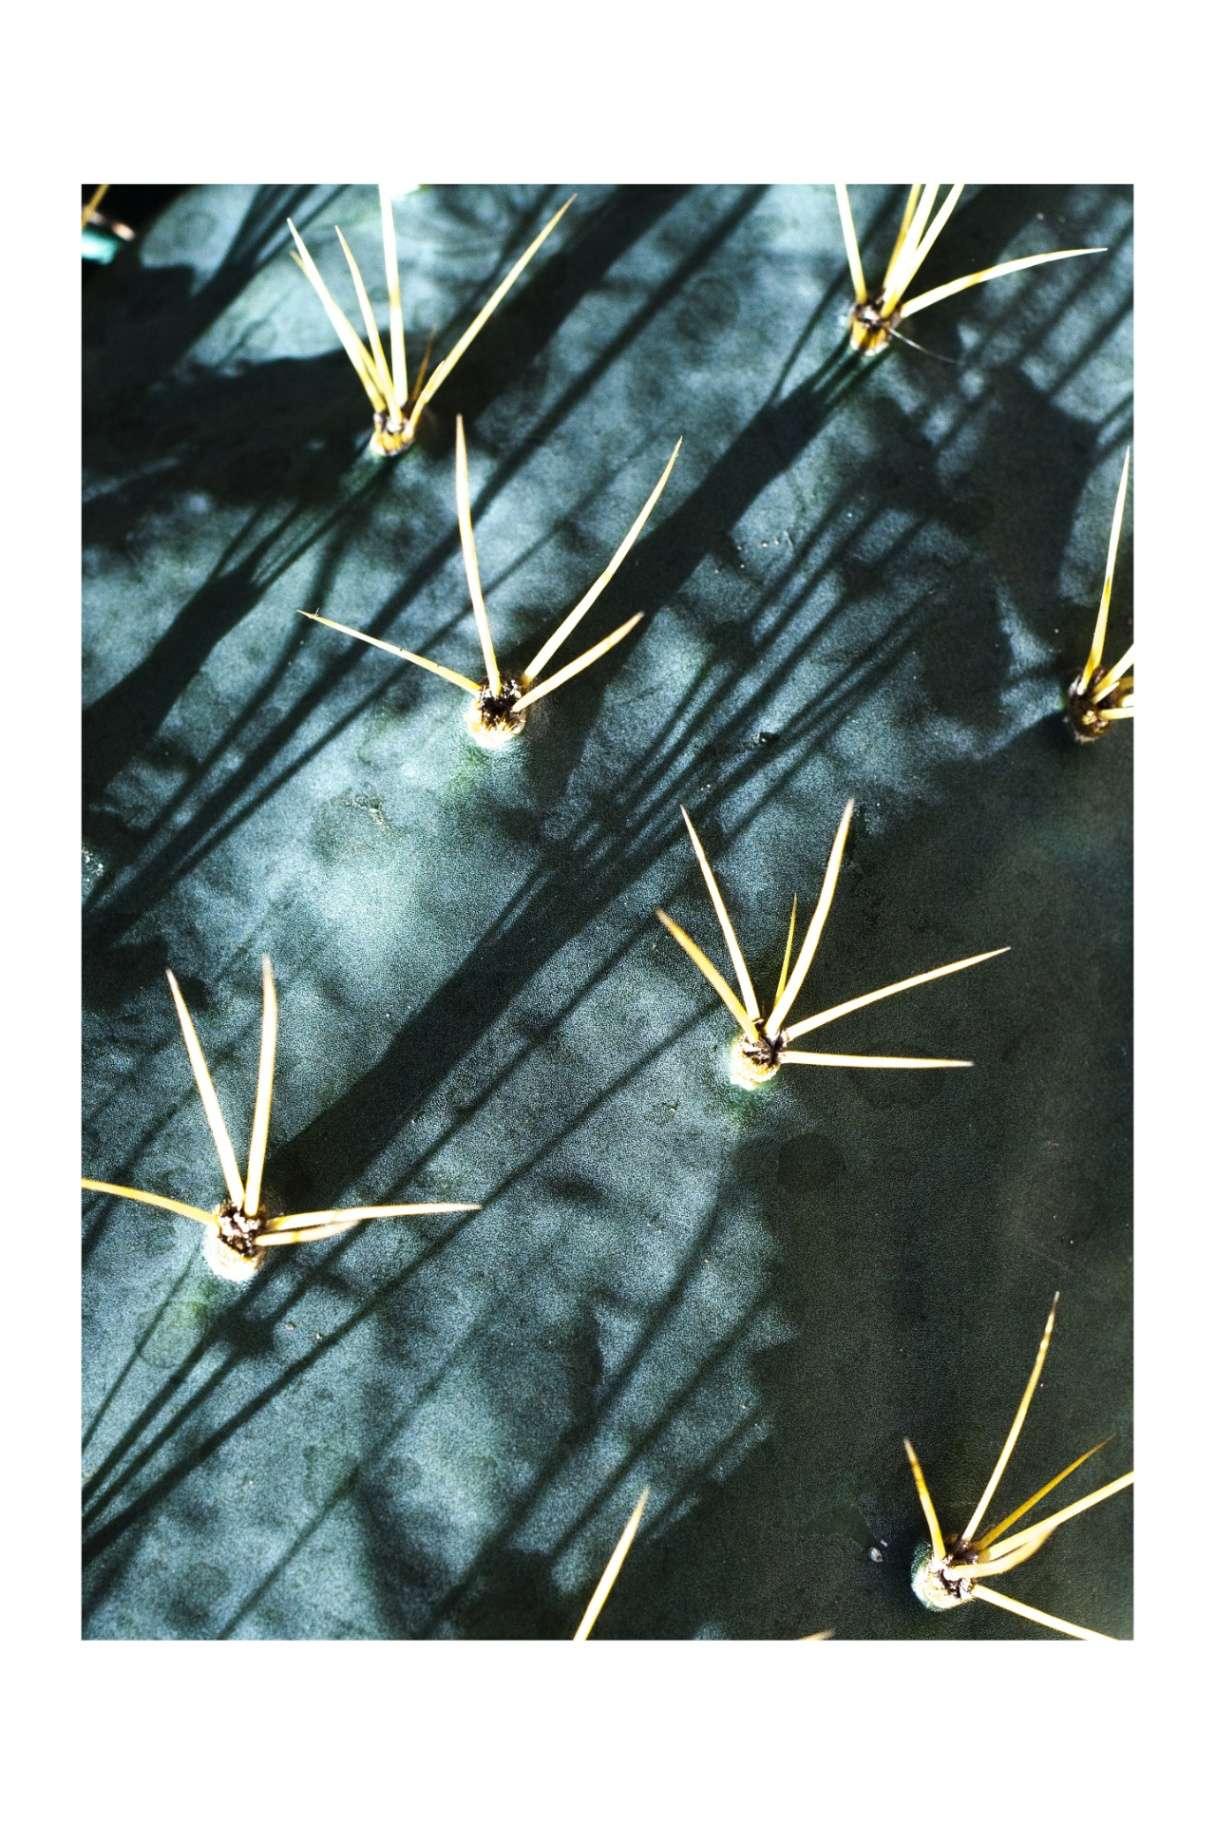 Obra: Jugo y espinas de la serie Sobrevivientes.